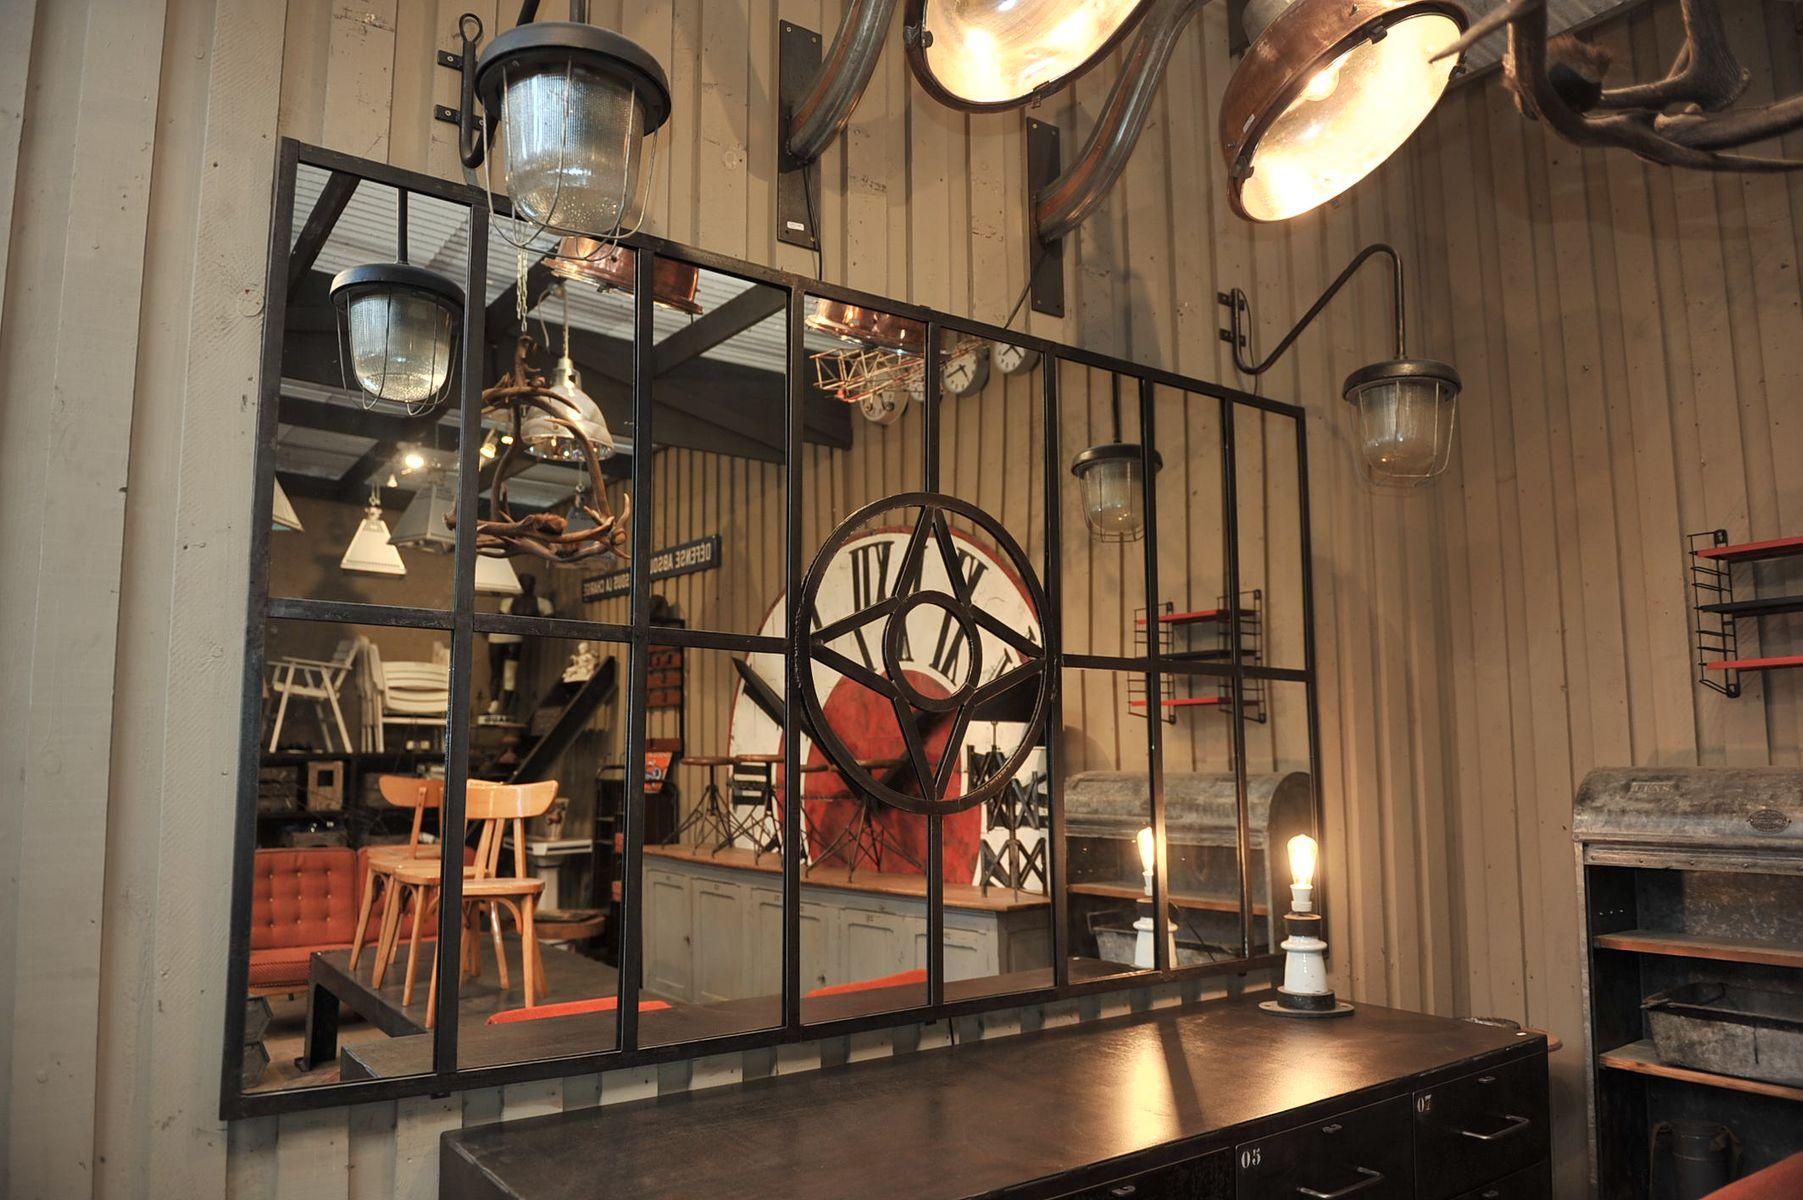 Grand miroir vintage industriel en acier 1930s en vente - Miroir acier industriel ...